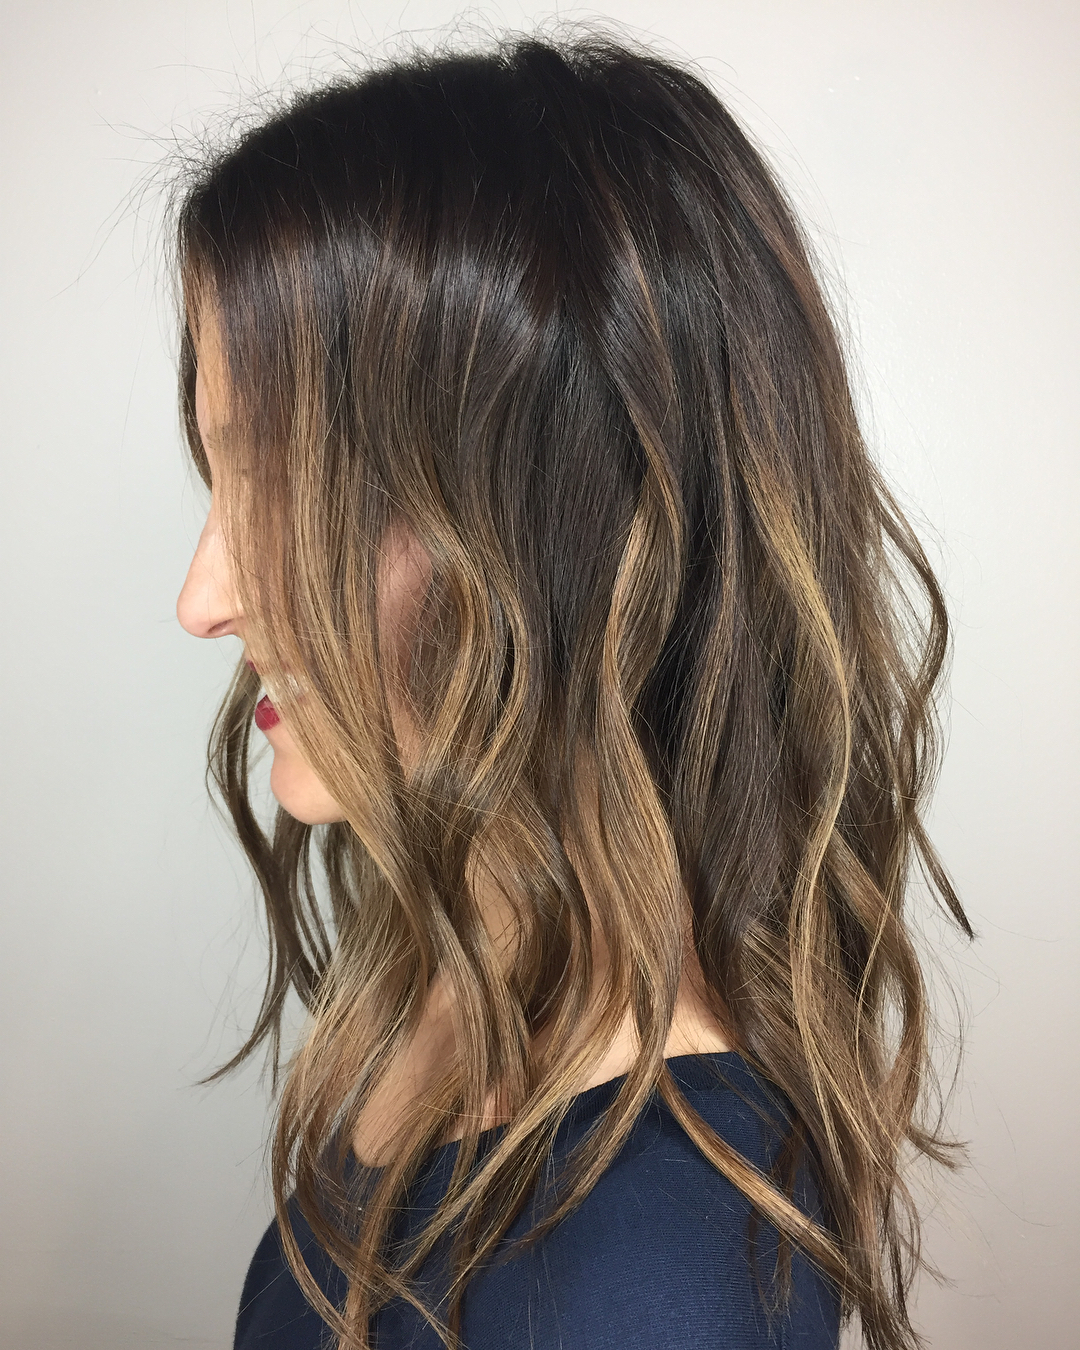 окрашивание тёмно-каштановых волос фото 15